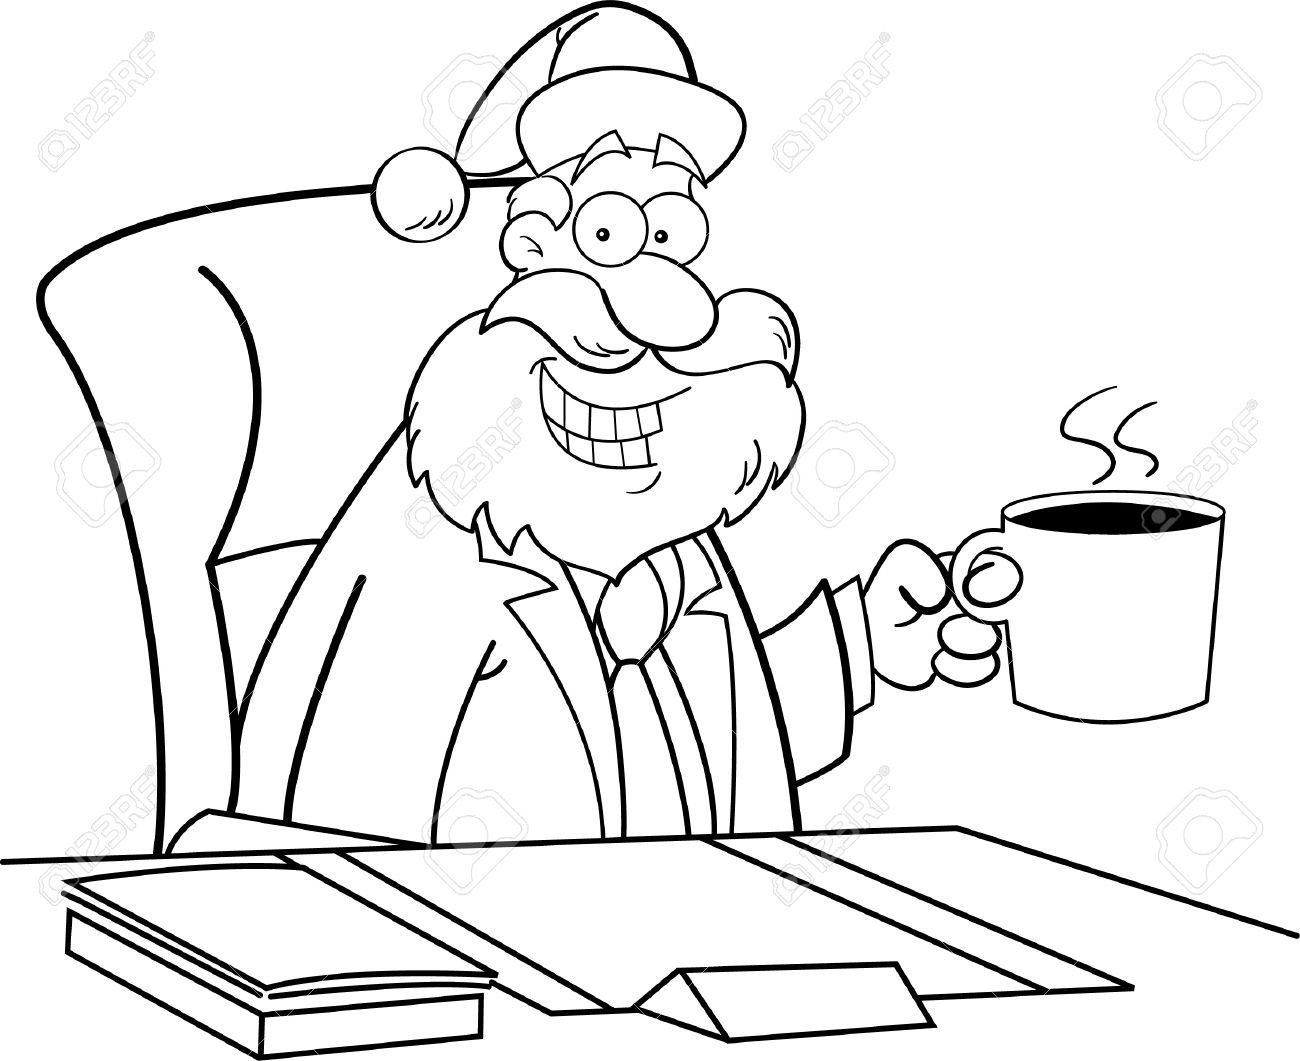 Immagini Di Babbo Natale In Bianco E Nero.Illustrazione In Bianco E Nero Di Babbo Natale In Un Vestito Di Affari Che Si Siede Ad Un Caffe Bevente Dello Scrittorio